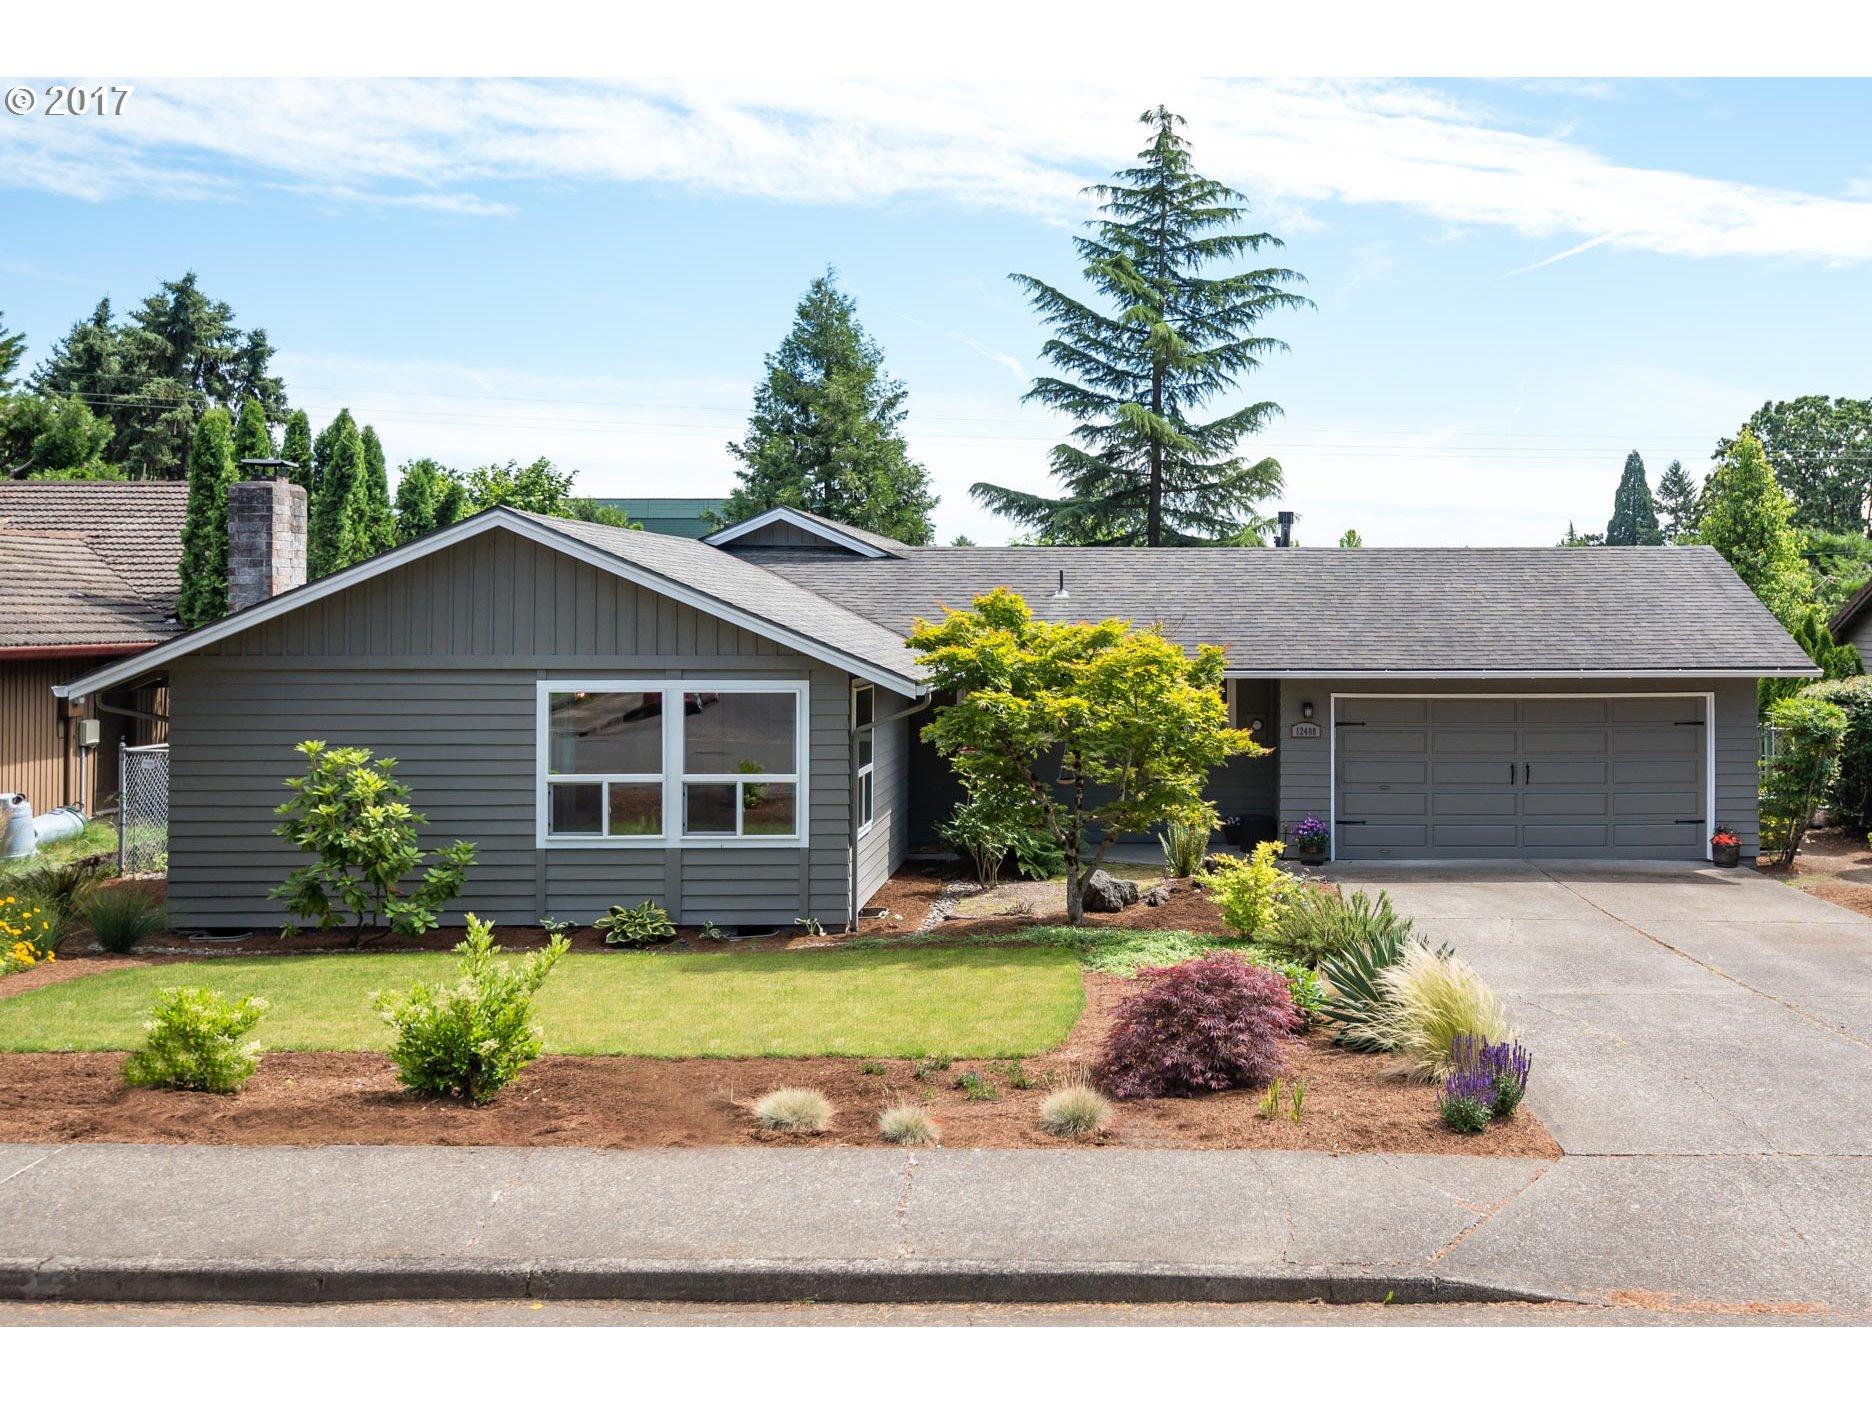 12408 NW KEARNEY ST, Portland, OR 97229